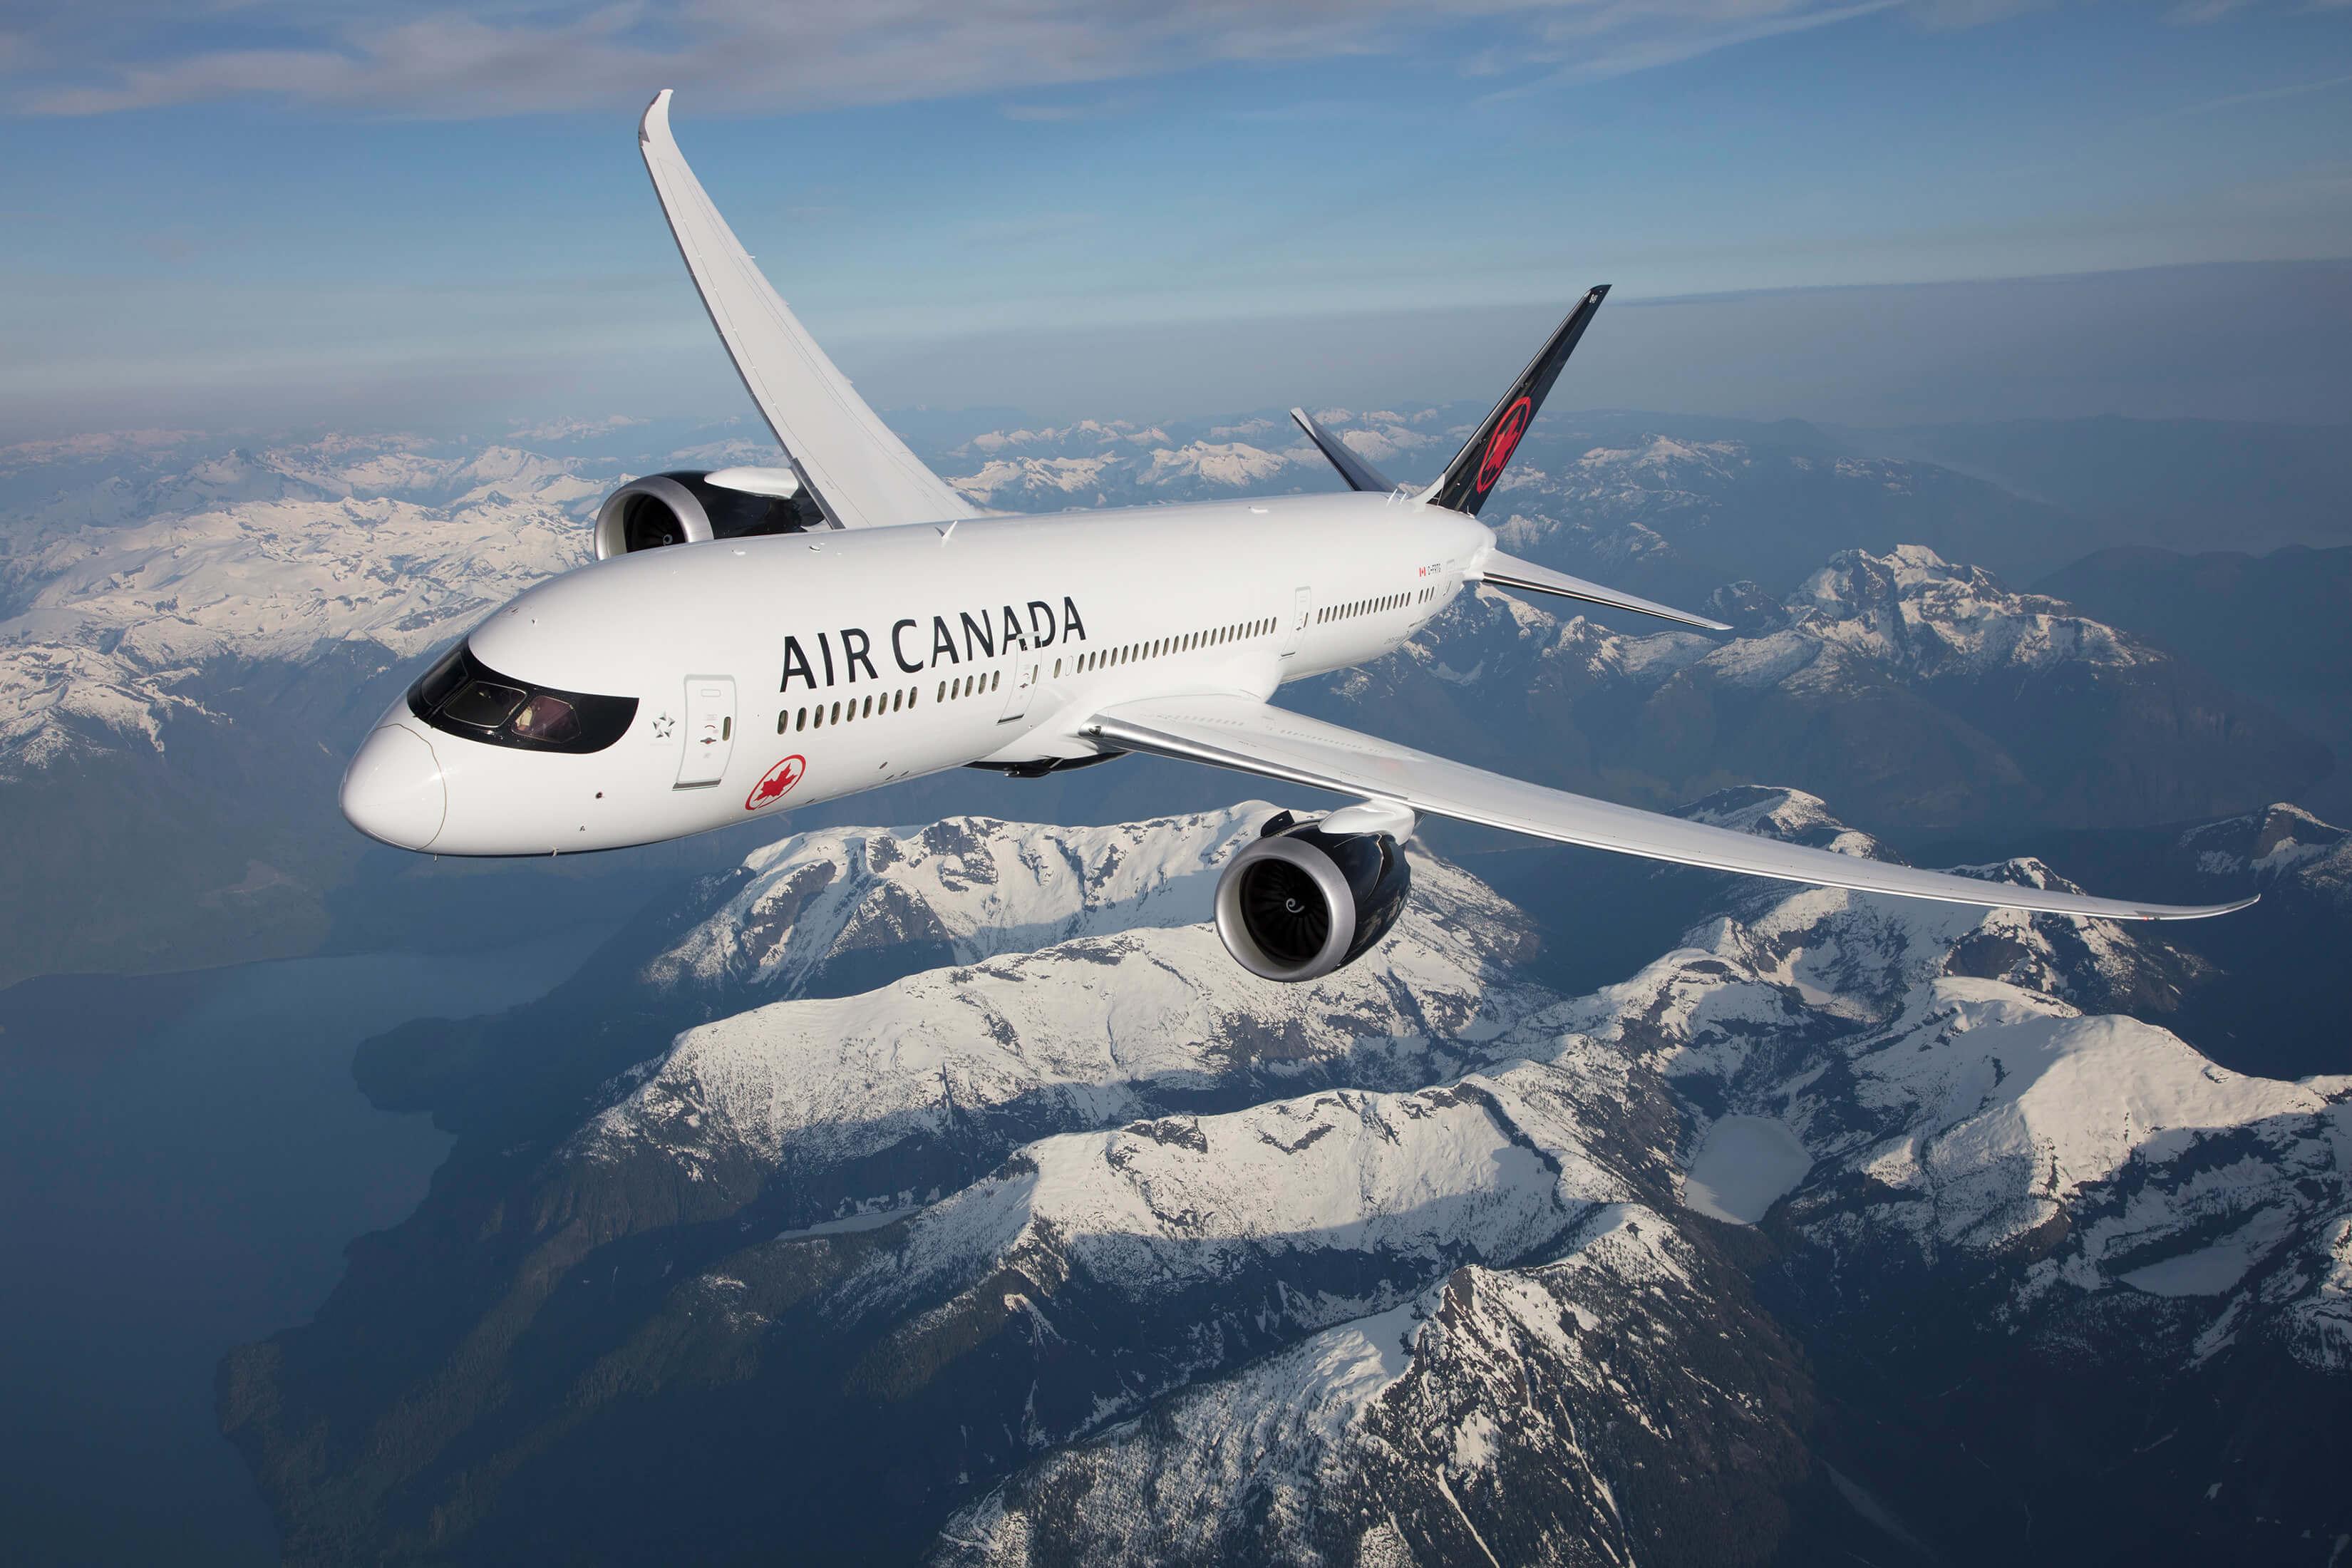 Les Actions D Air Canada S Envolent En Raison De L Aide Potentielle Du Gouvernement Et Du Developpement De Vaccins Profession Voyages